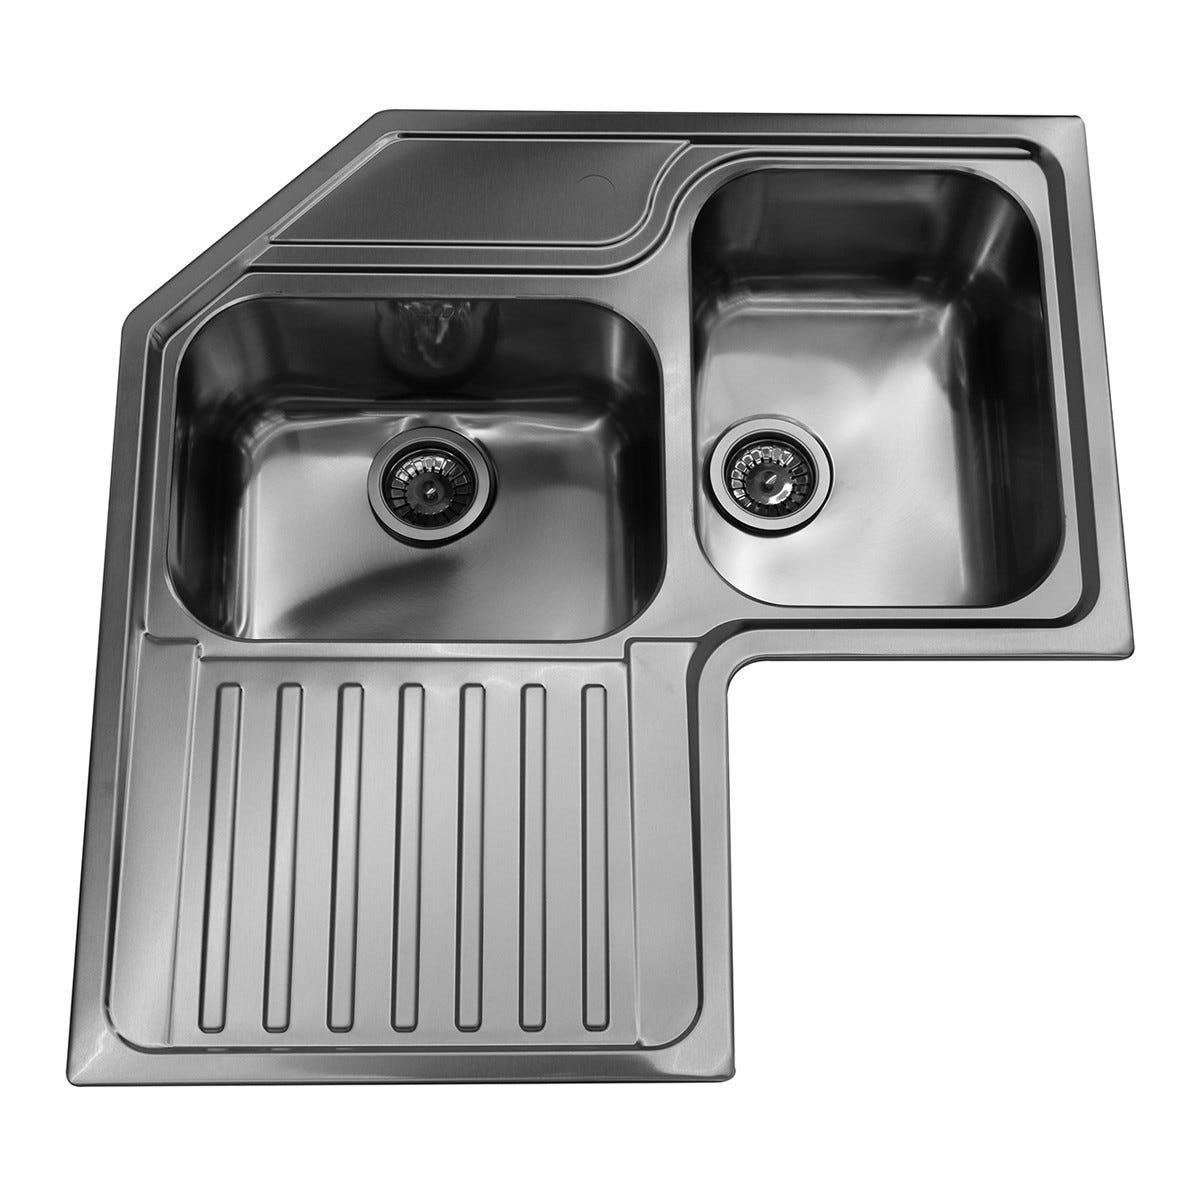 APELL Lavello Roma Ad Angolo 83x83 Cm Inox Spazzolato 2 Vasche Con Sgocciolatoio A Sinistra